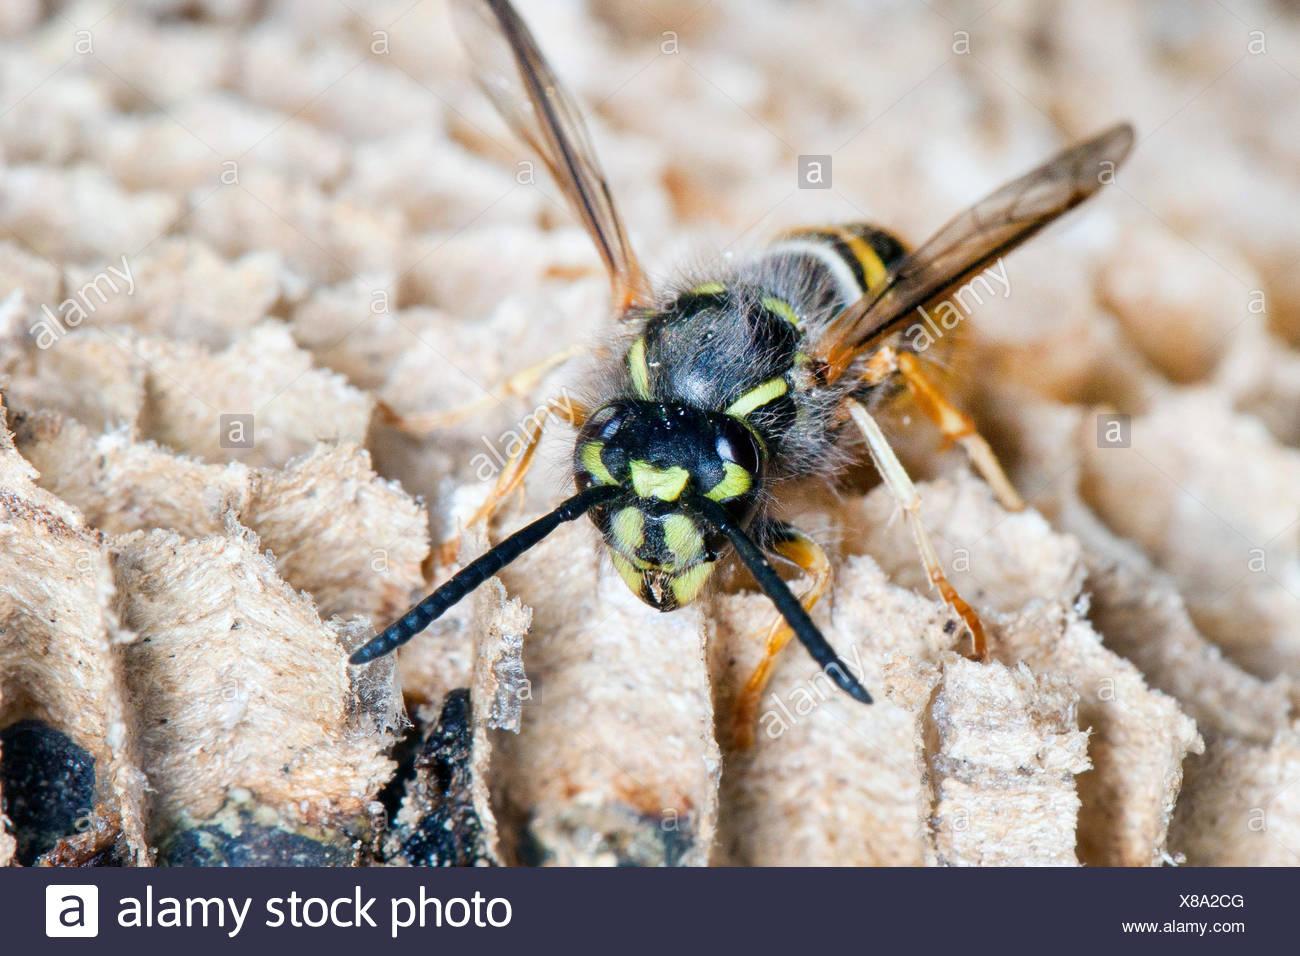 common wasp (Vespula vulgaris, Paravespula vulgaris), wasp at the wasps nest, Germany - Stock Image